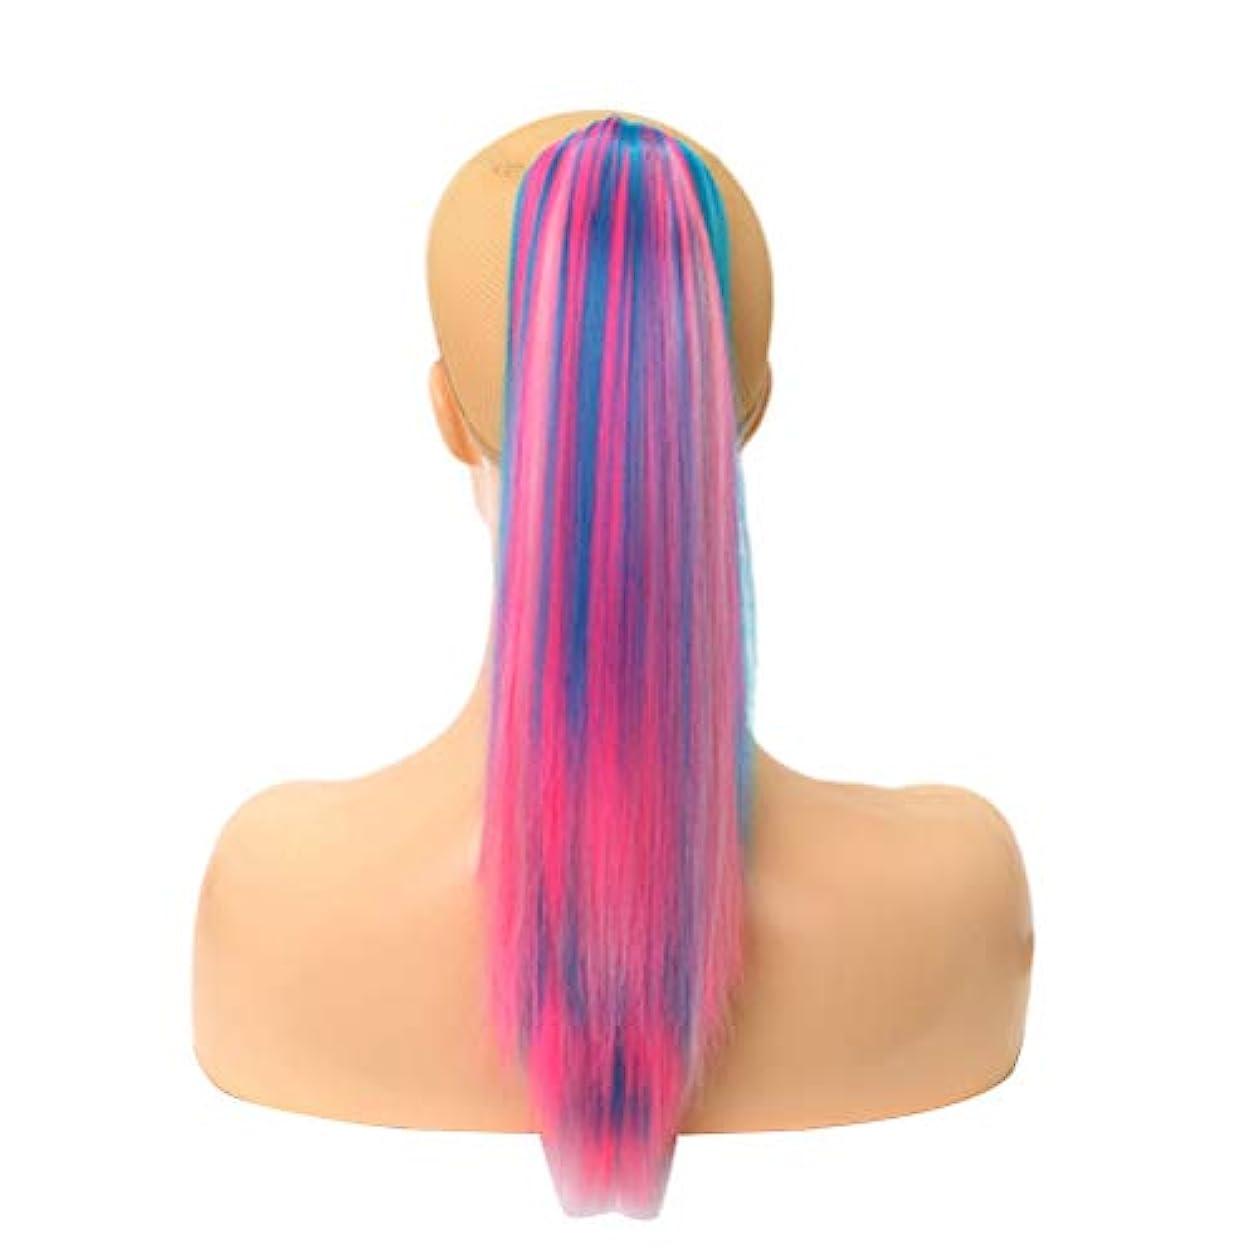 ステートメントブロック戦争Lurroseロングストレートガール爪ポニーテールクリップヘアエクステンショングラデーションウィッグヘアジョークリップヘアピース女性